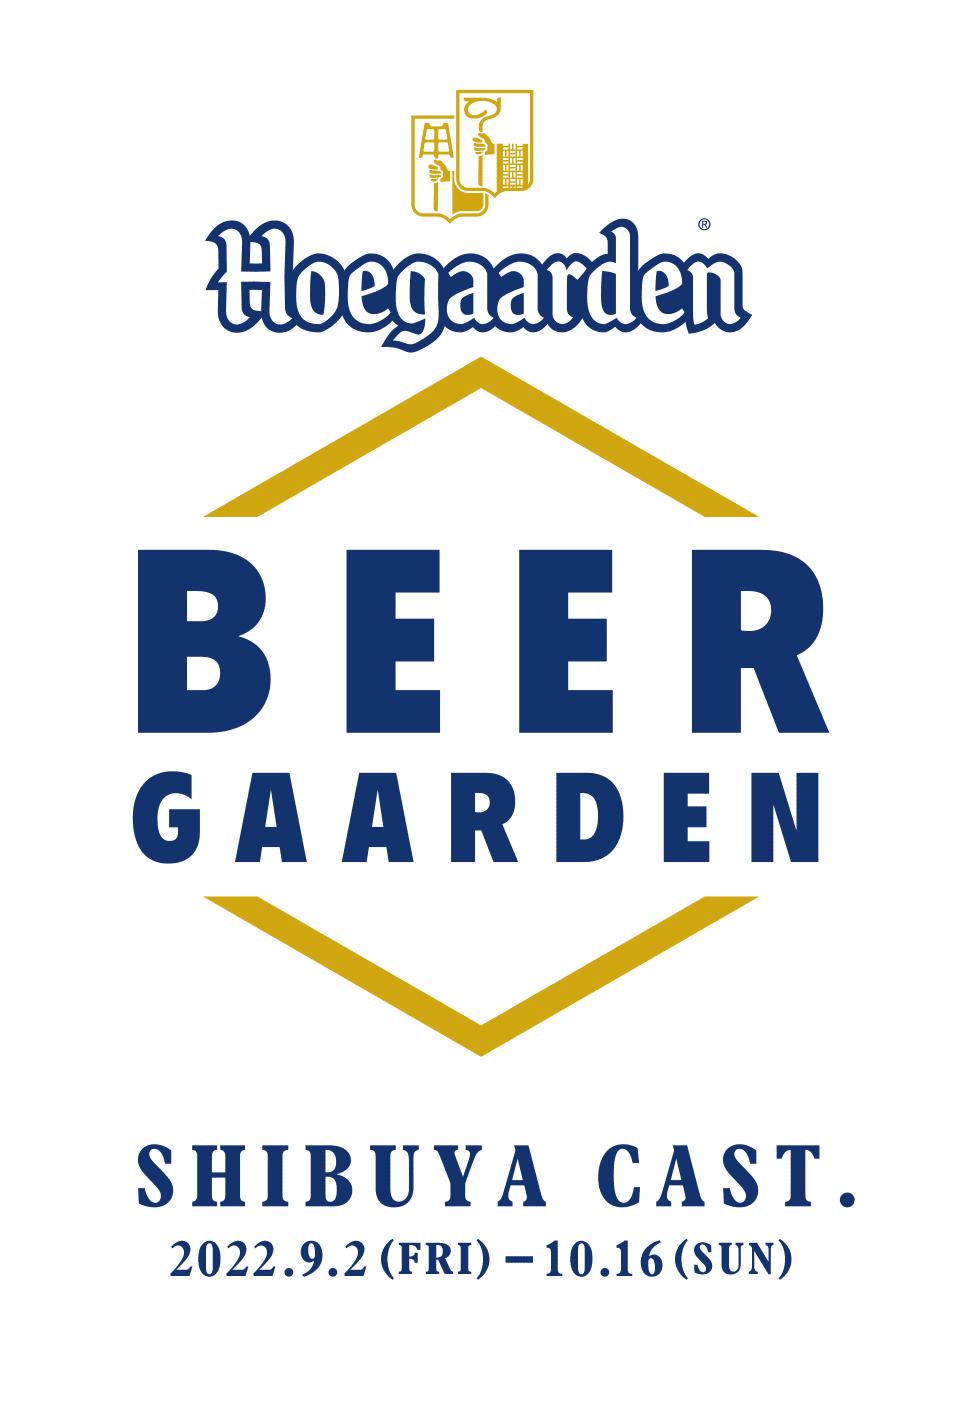 Hoegaarden BEER GAARDEN logo